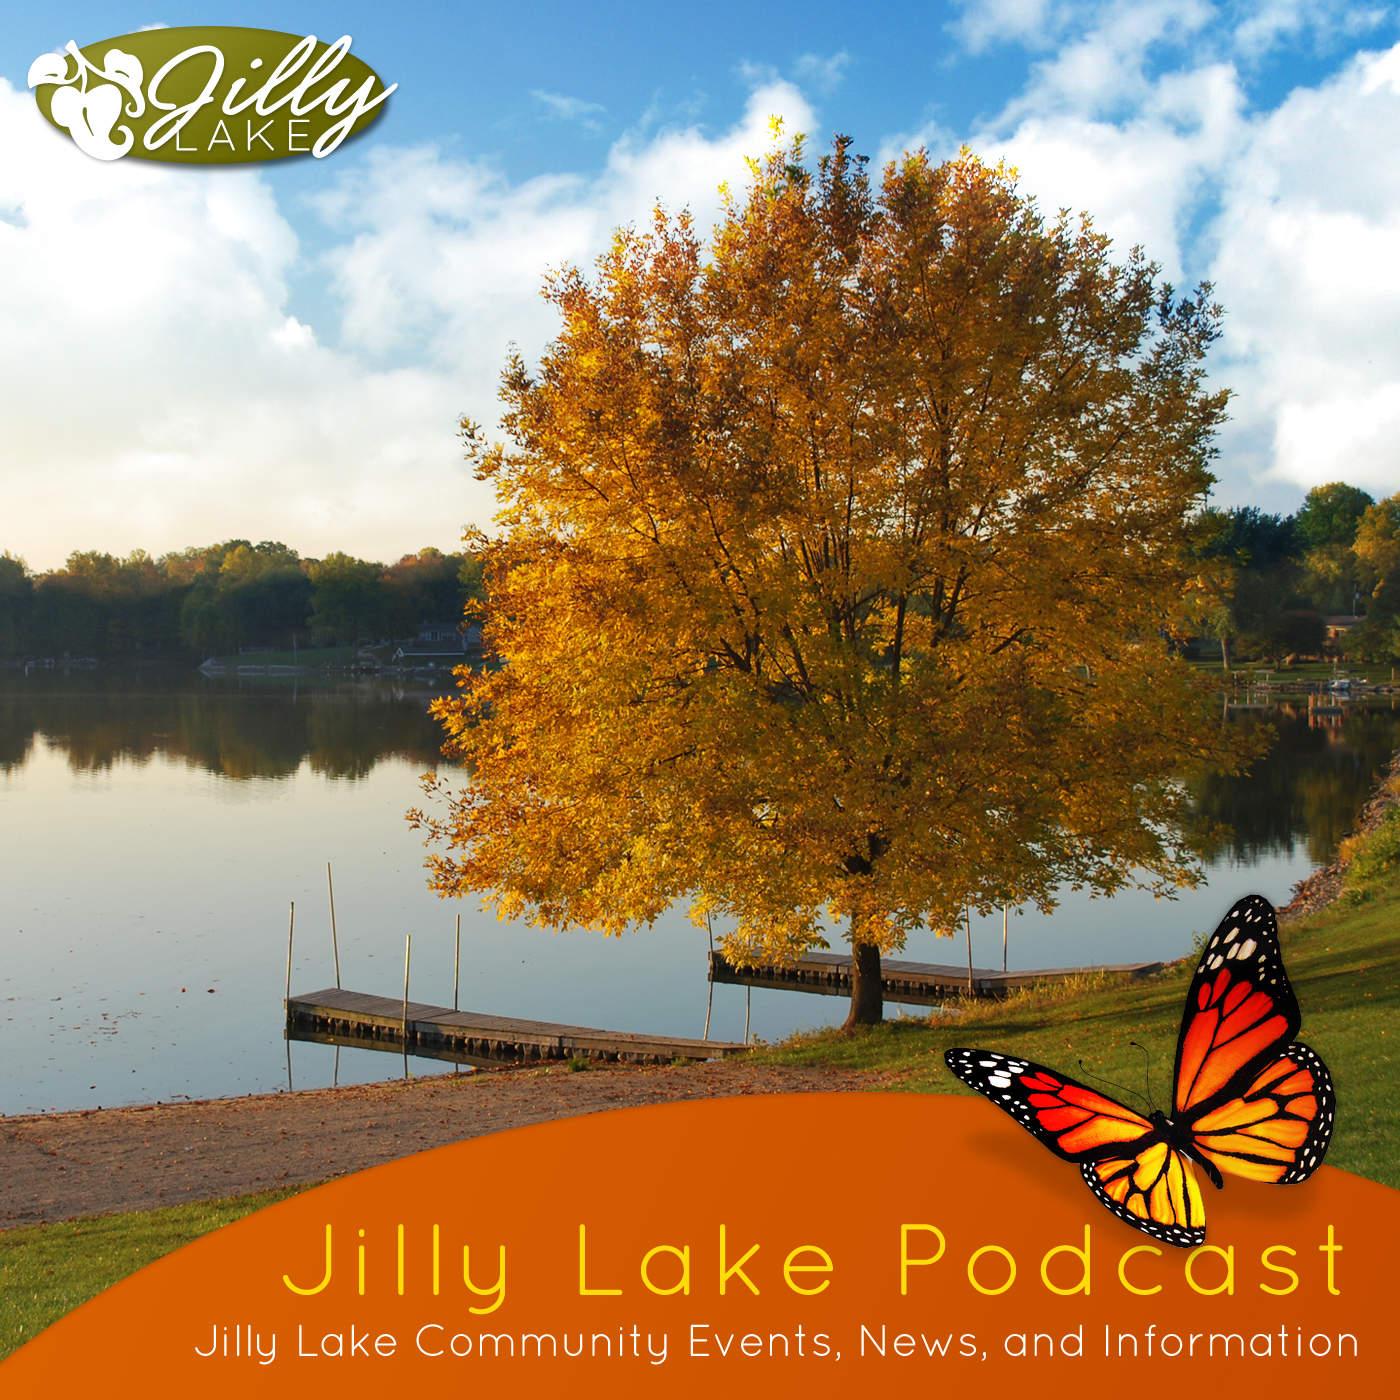 JillyLakePodcast